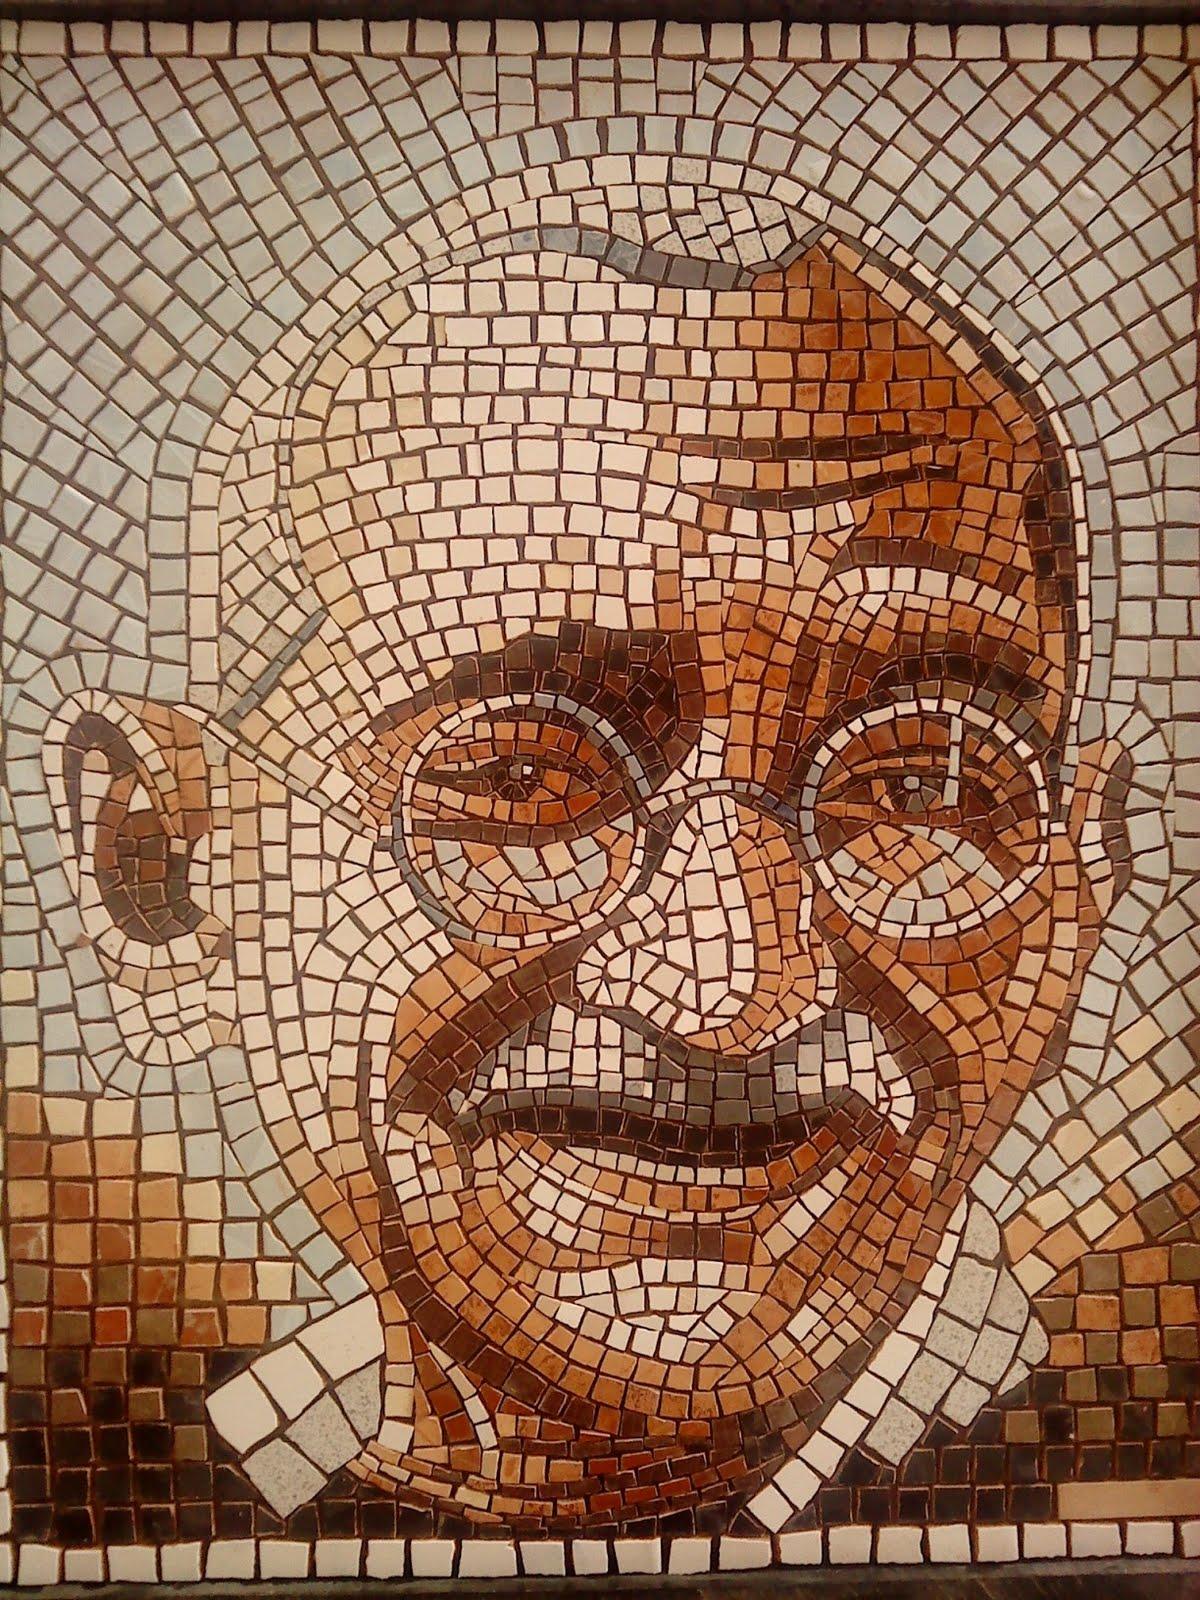 mosaicos tarhouchi gandhi la sonrisa de la paz mosaicos